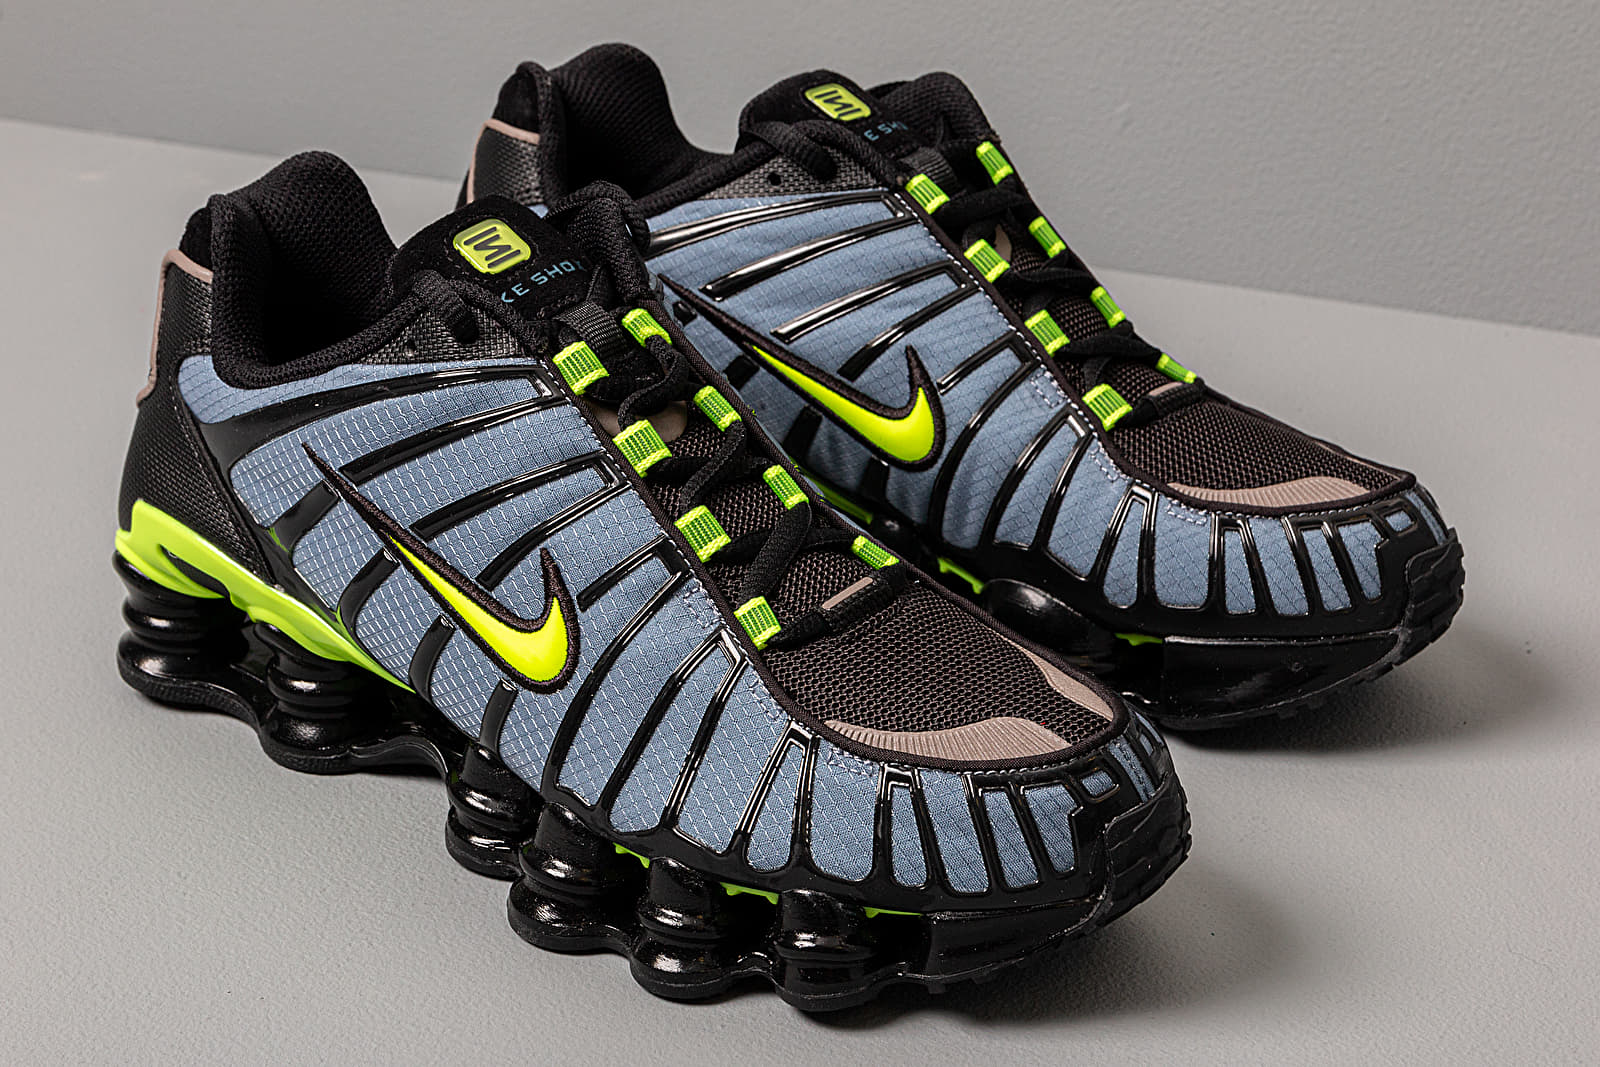 Revolucionario Agresivo Patatas  Men's shoes Nike Shox Tl Thunderstorm/ Volt-Black | Footshop